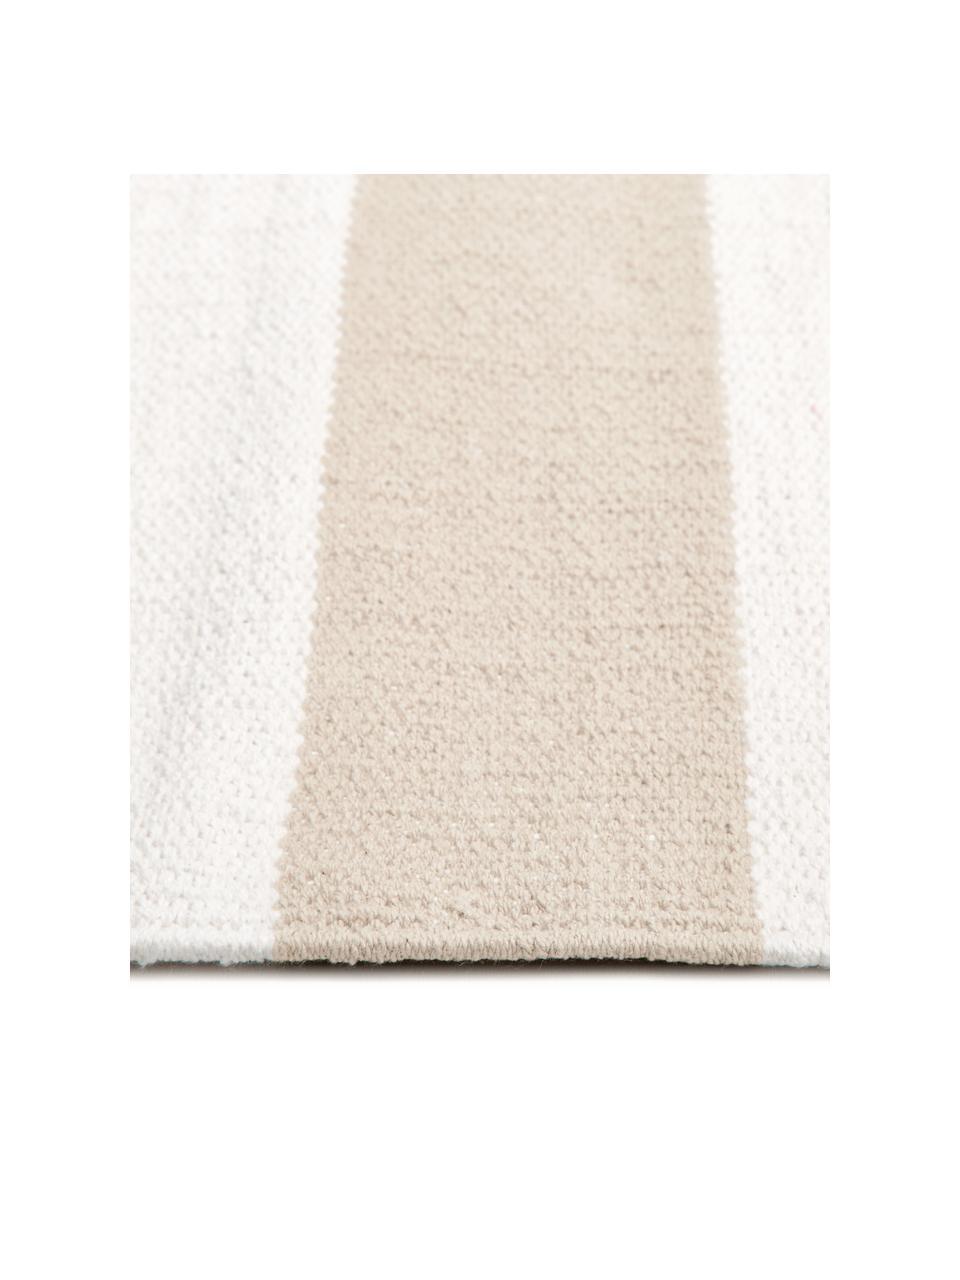 Tappeto in cotone Blocker, 100% cotone, Beige, Larg. 200 x Lung. 300 cm (taglia L)